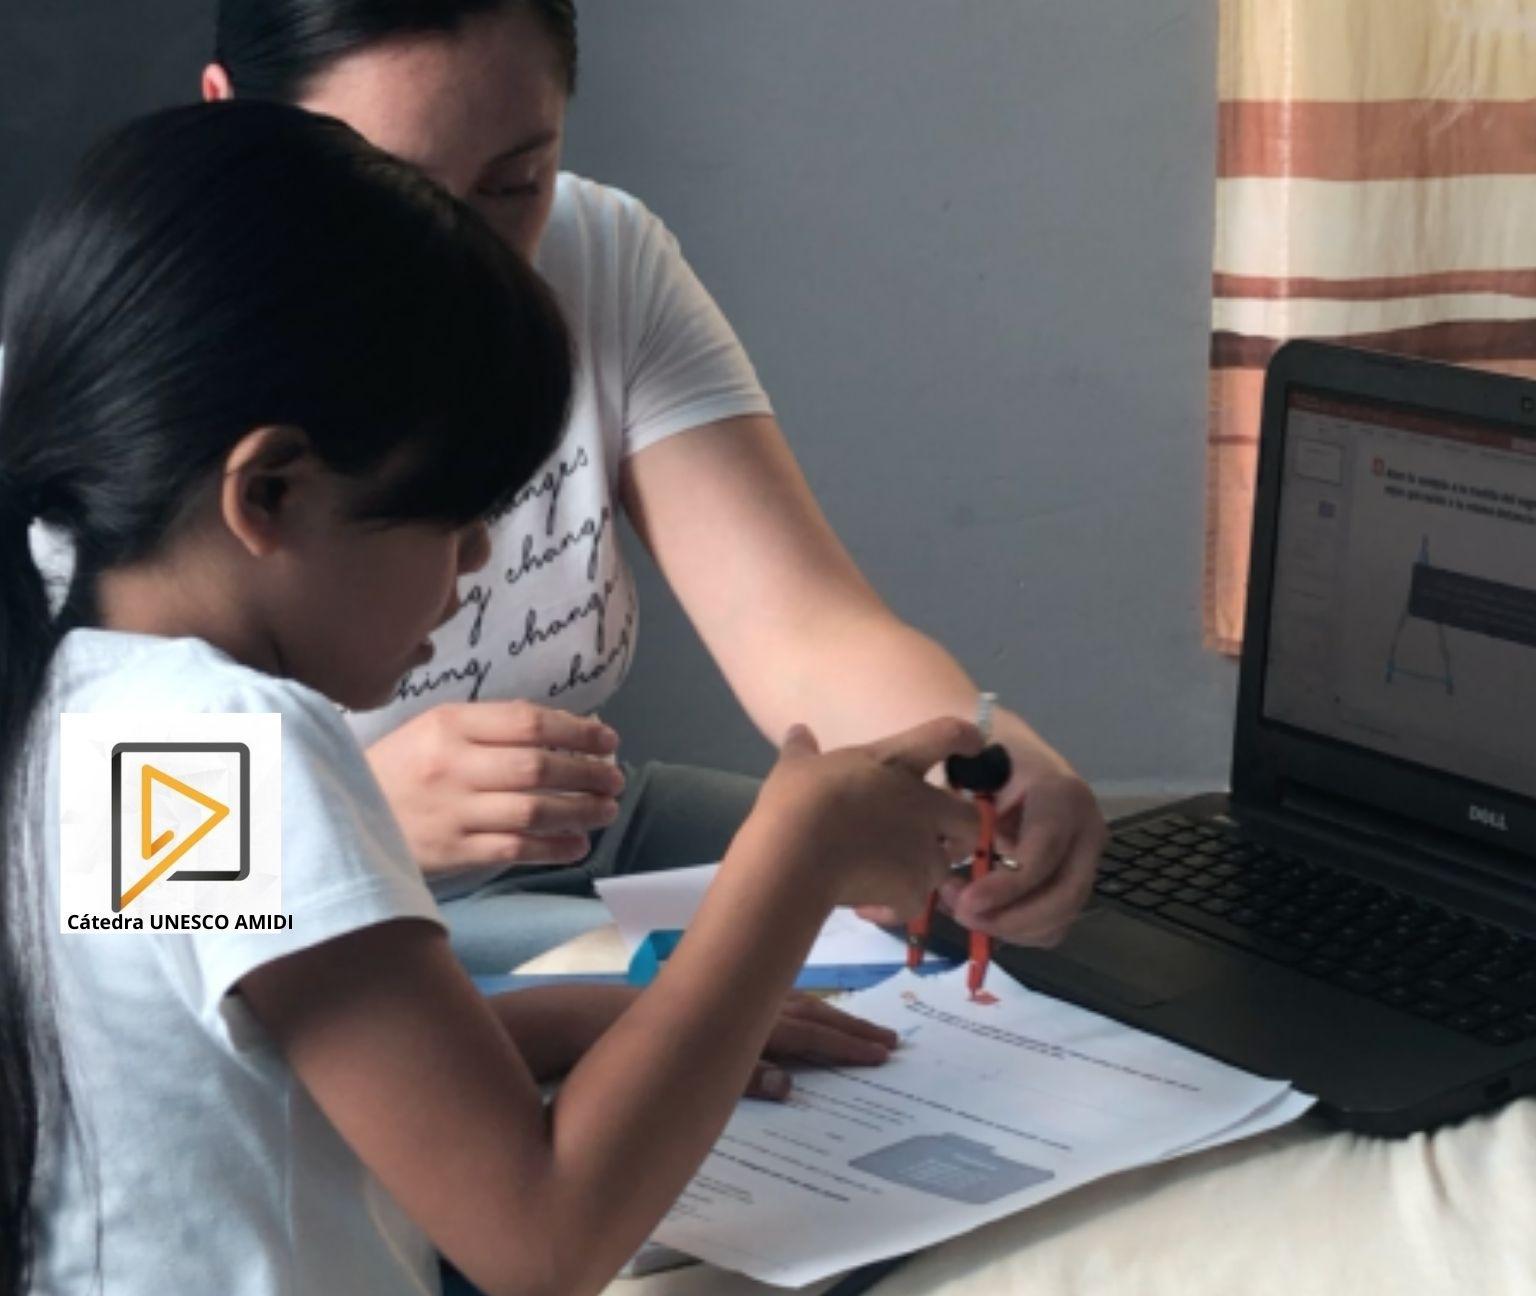 Aprende en casa II: ¿continuidad al aprendizaje o a la institución escolar?